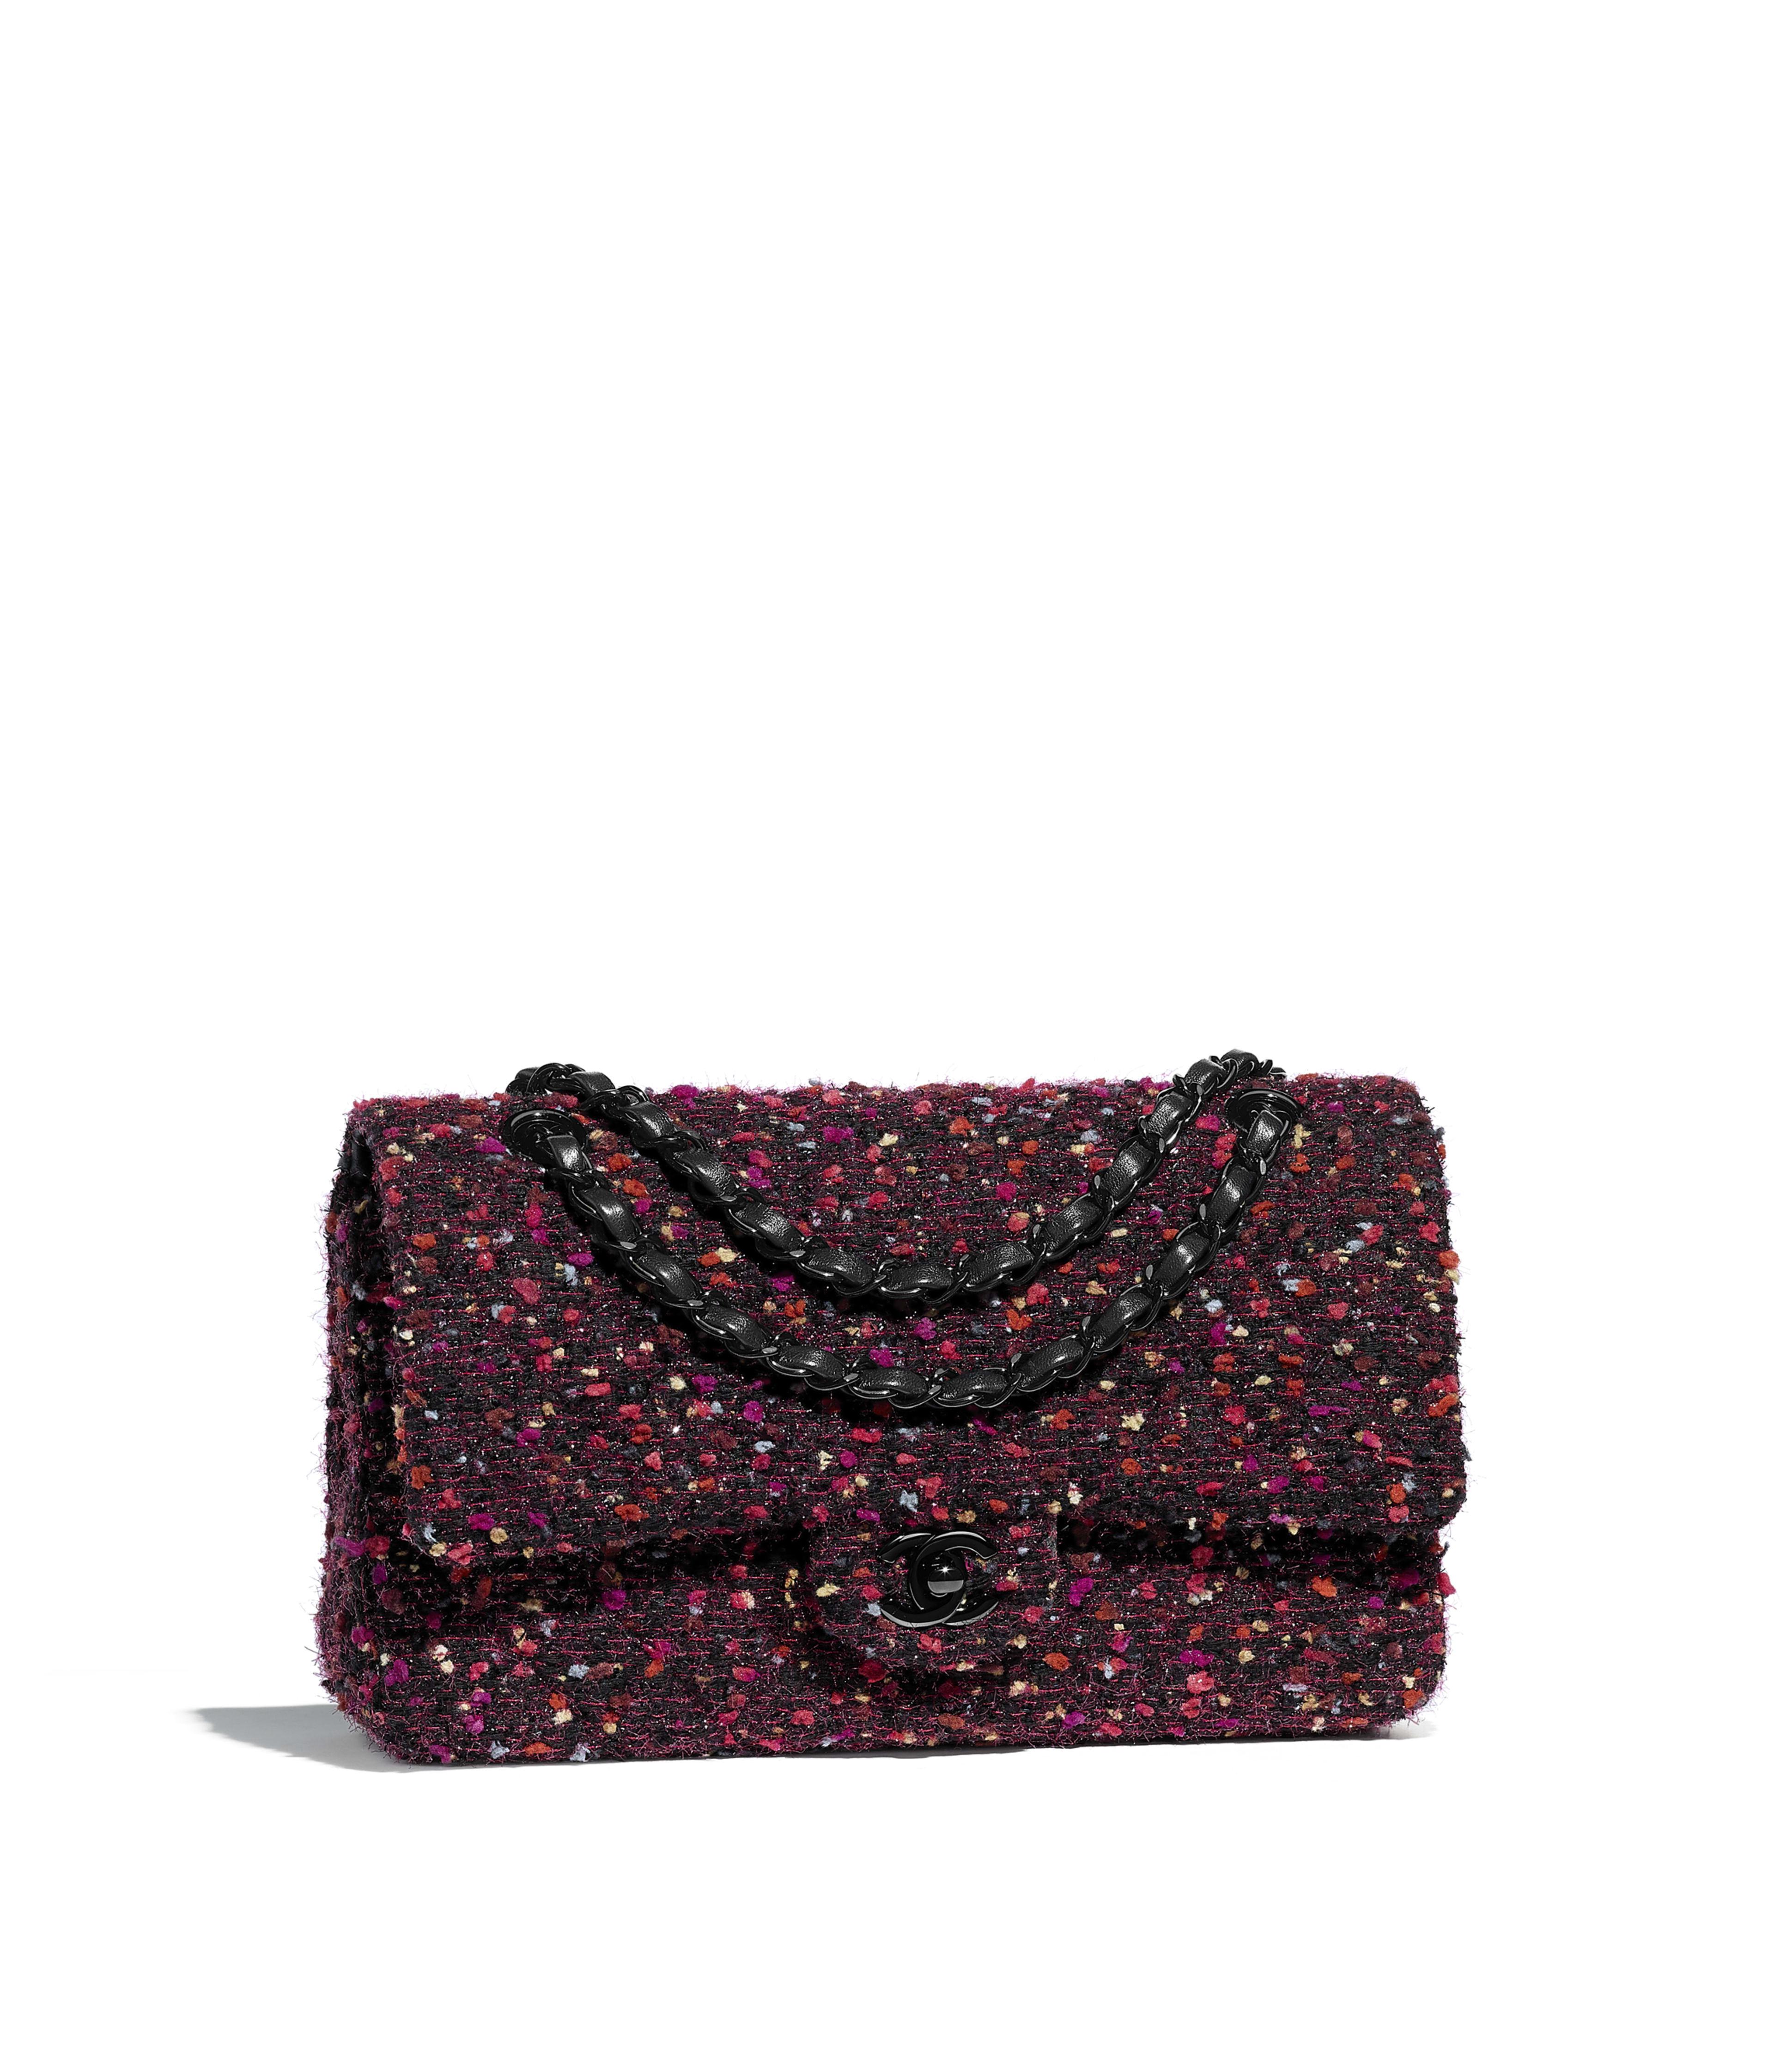 Classic Handbag Tweed Black Metal Purple Pink Burgundy Ref A01112y83891mf281